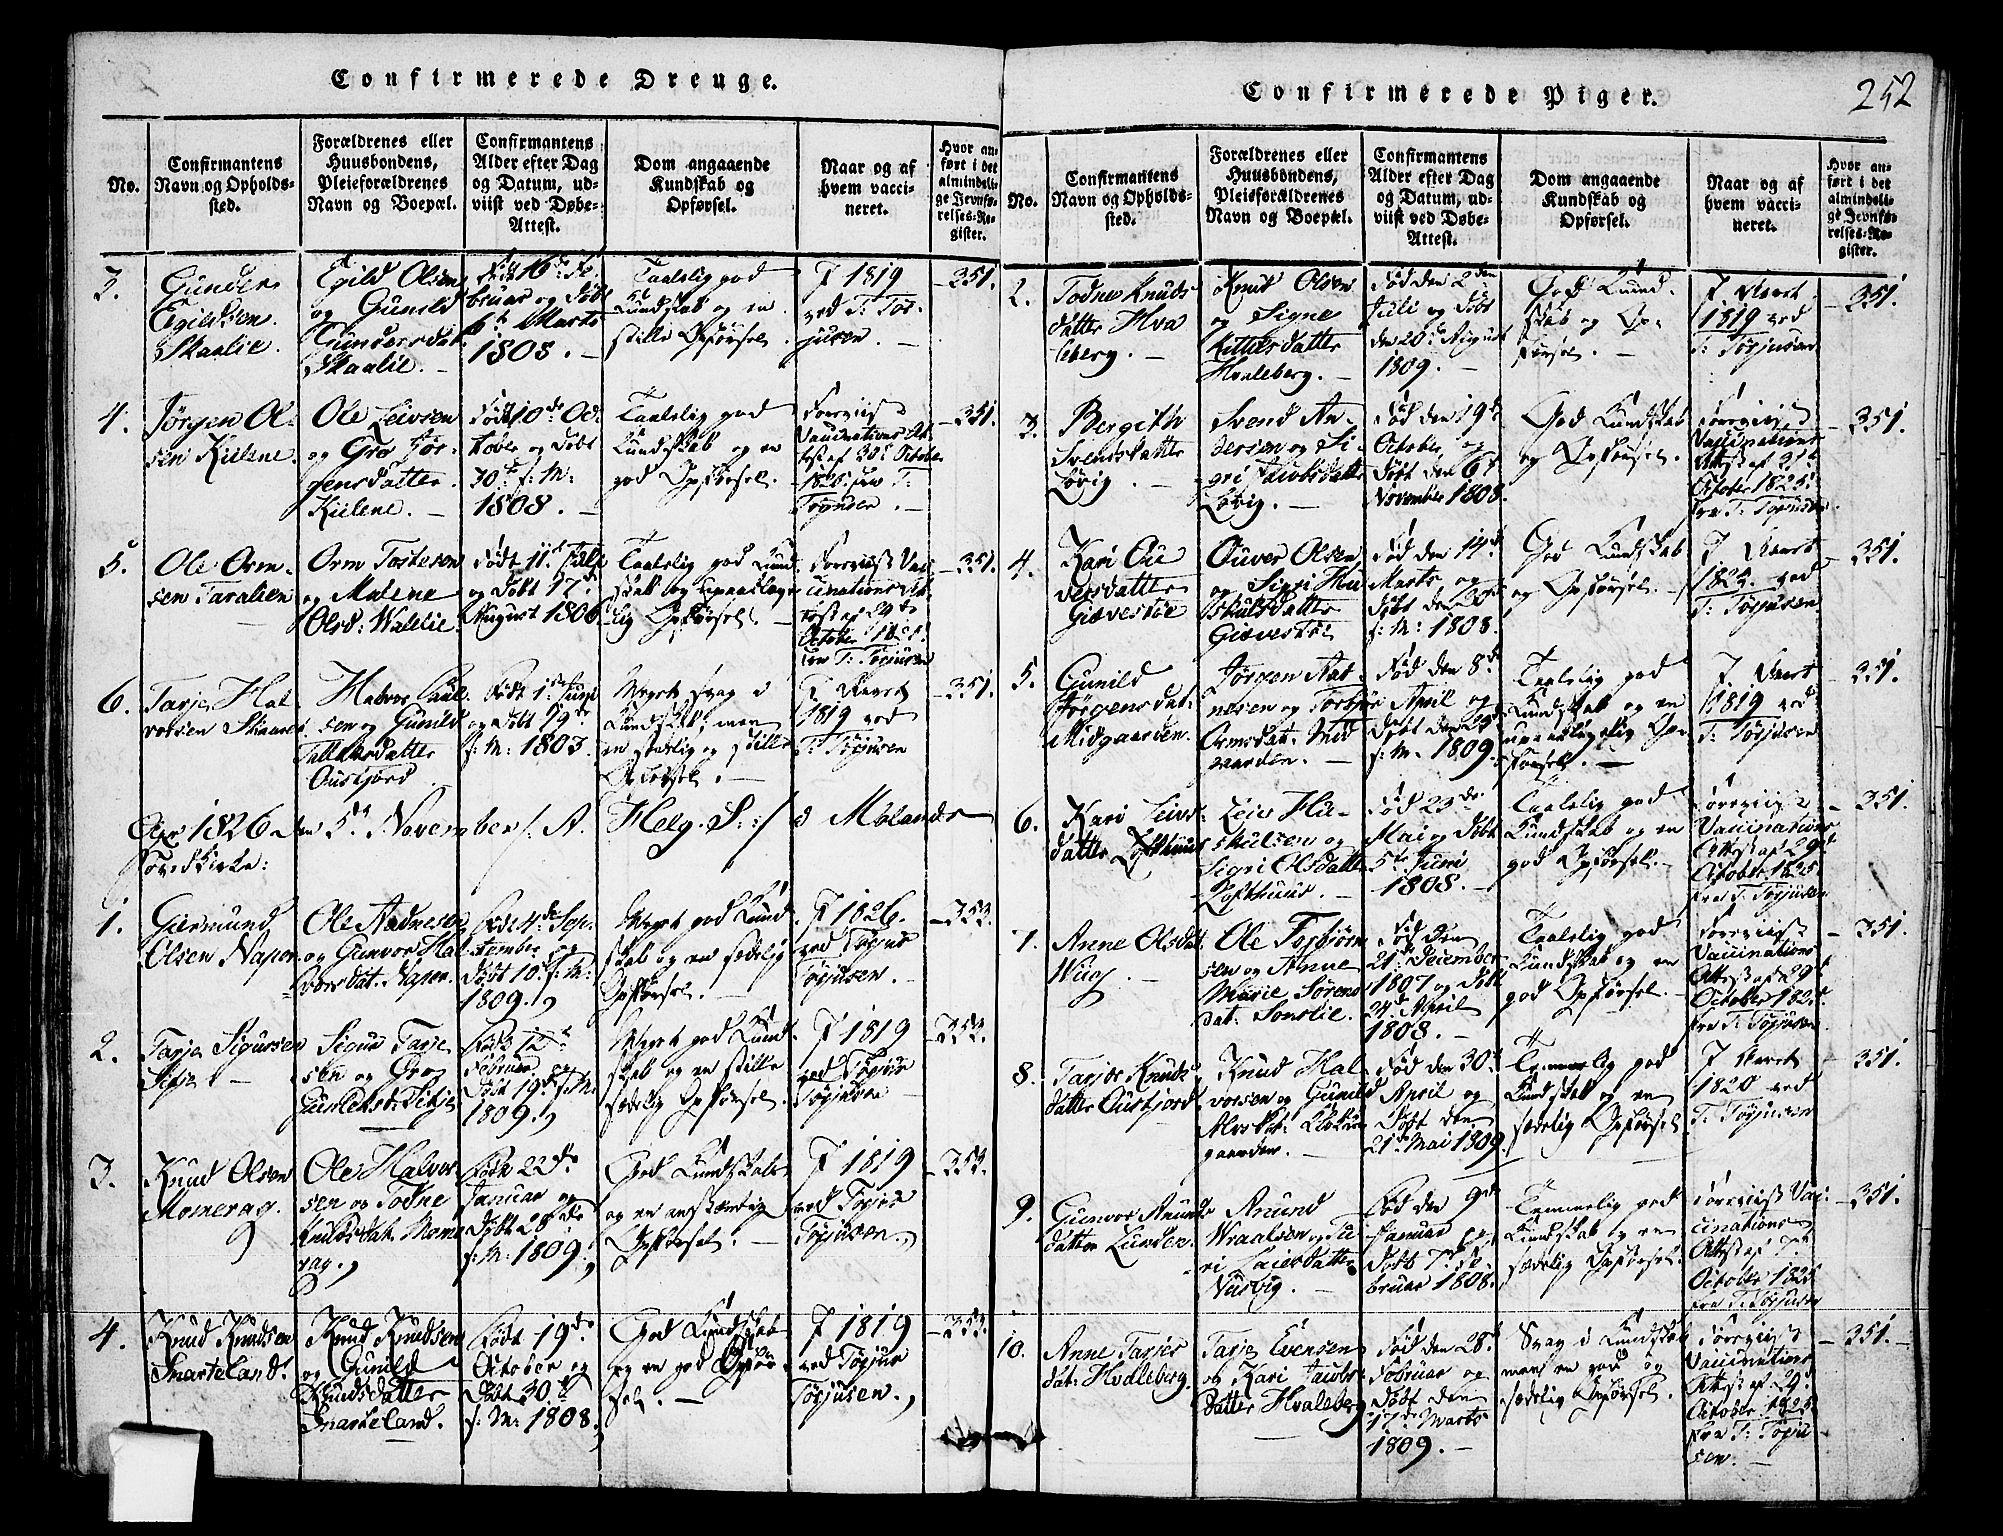 SAKO, Fyresdal kirkebøker, F/Fa/L0003: Ministerialbok nr. I 3, 1815-1840, s. 252